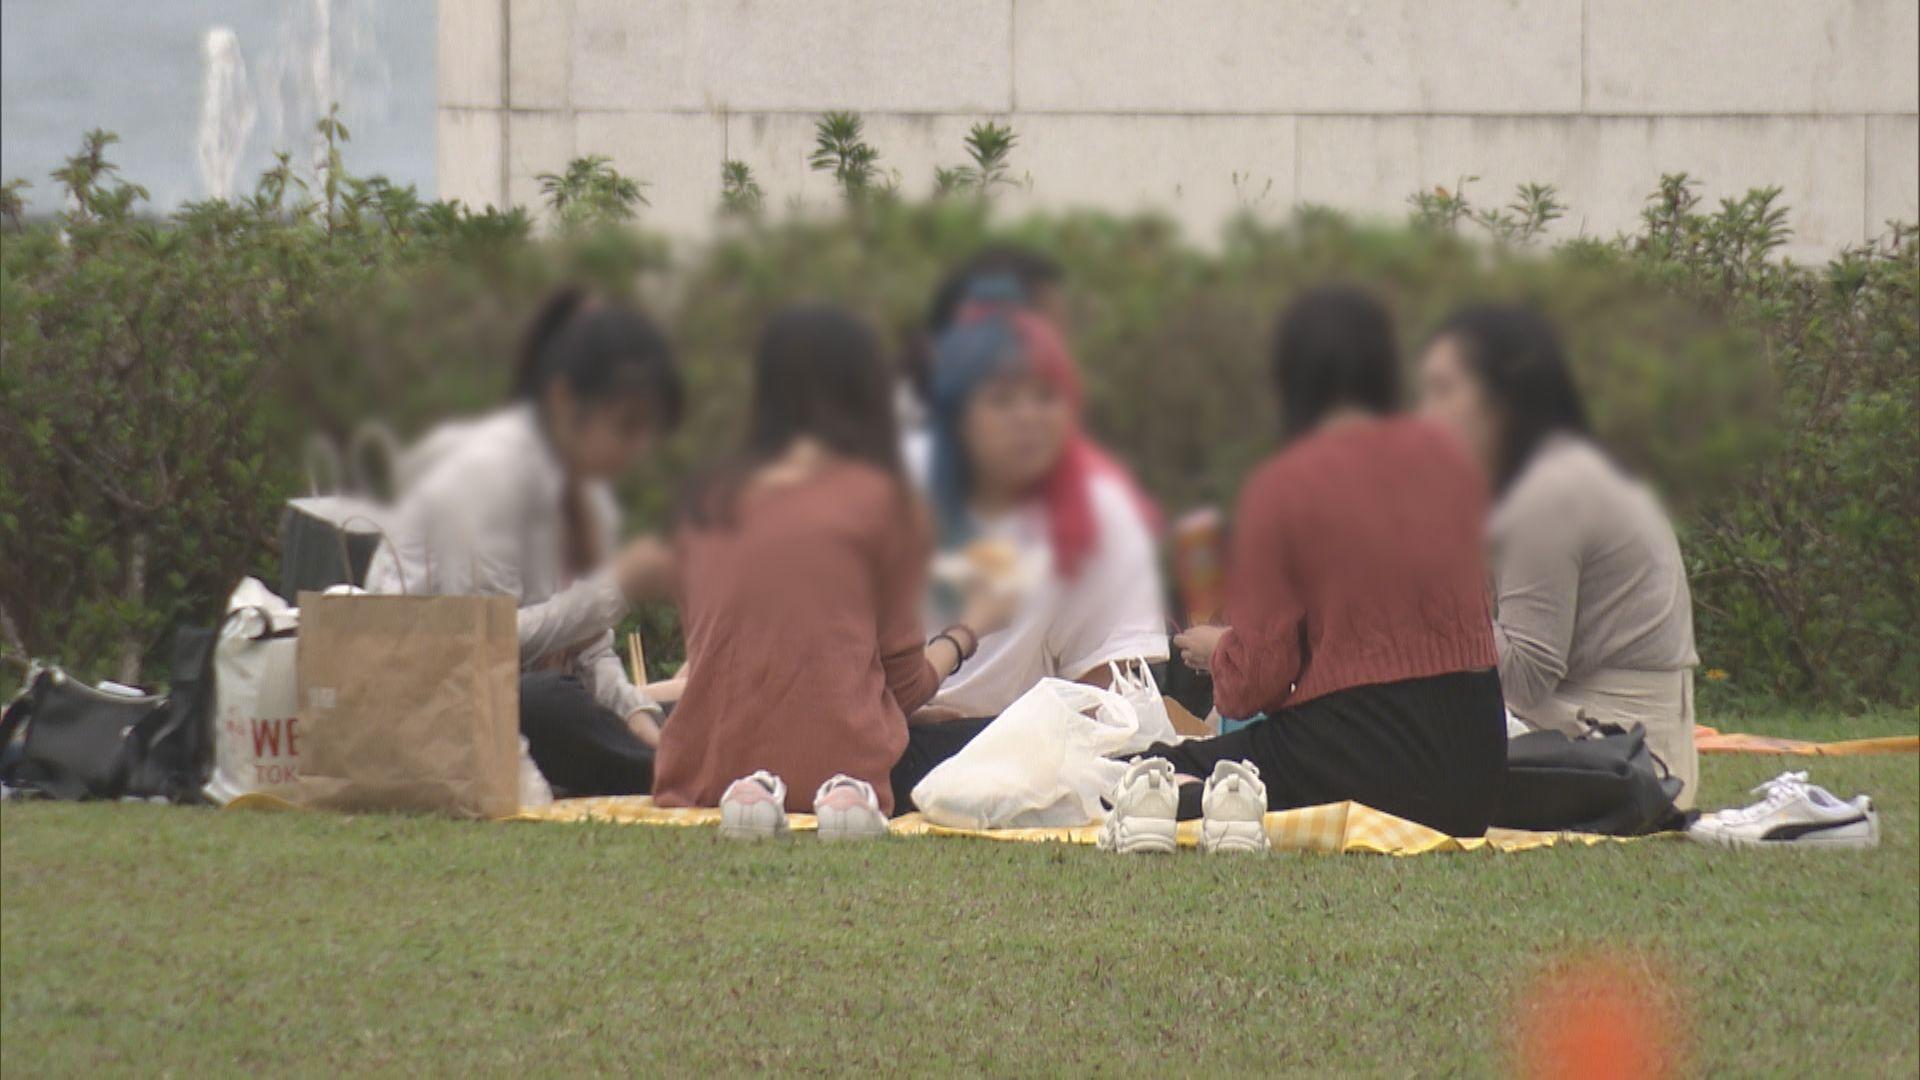 第四波疫情爆發 周末公園部分人違反限聚令